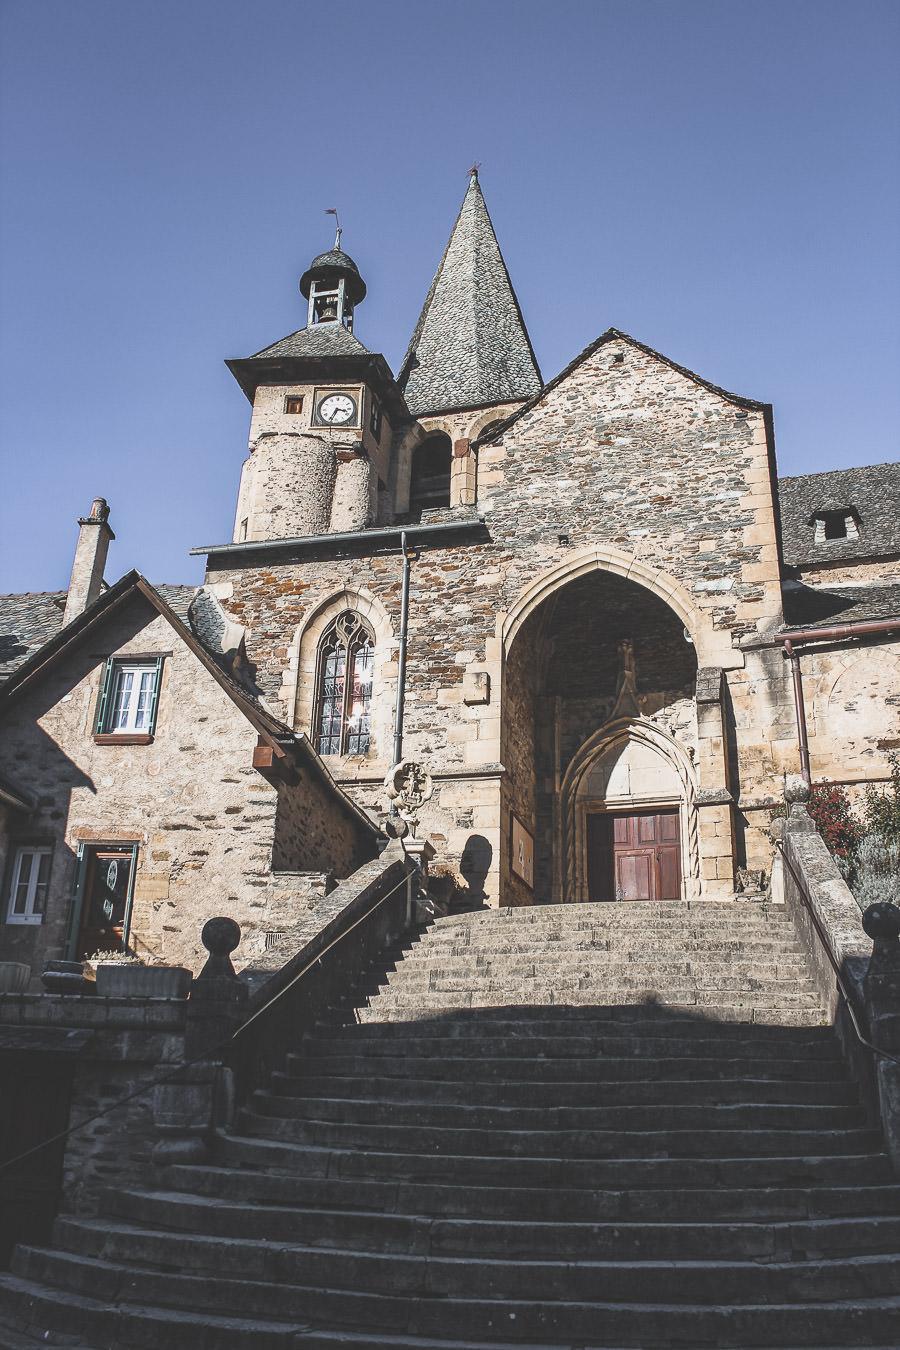 Estaing, joli village au coeur de l'Aveyron connu pour son célèbre château. Occitanie.